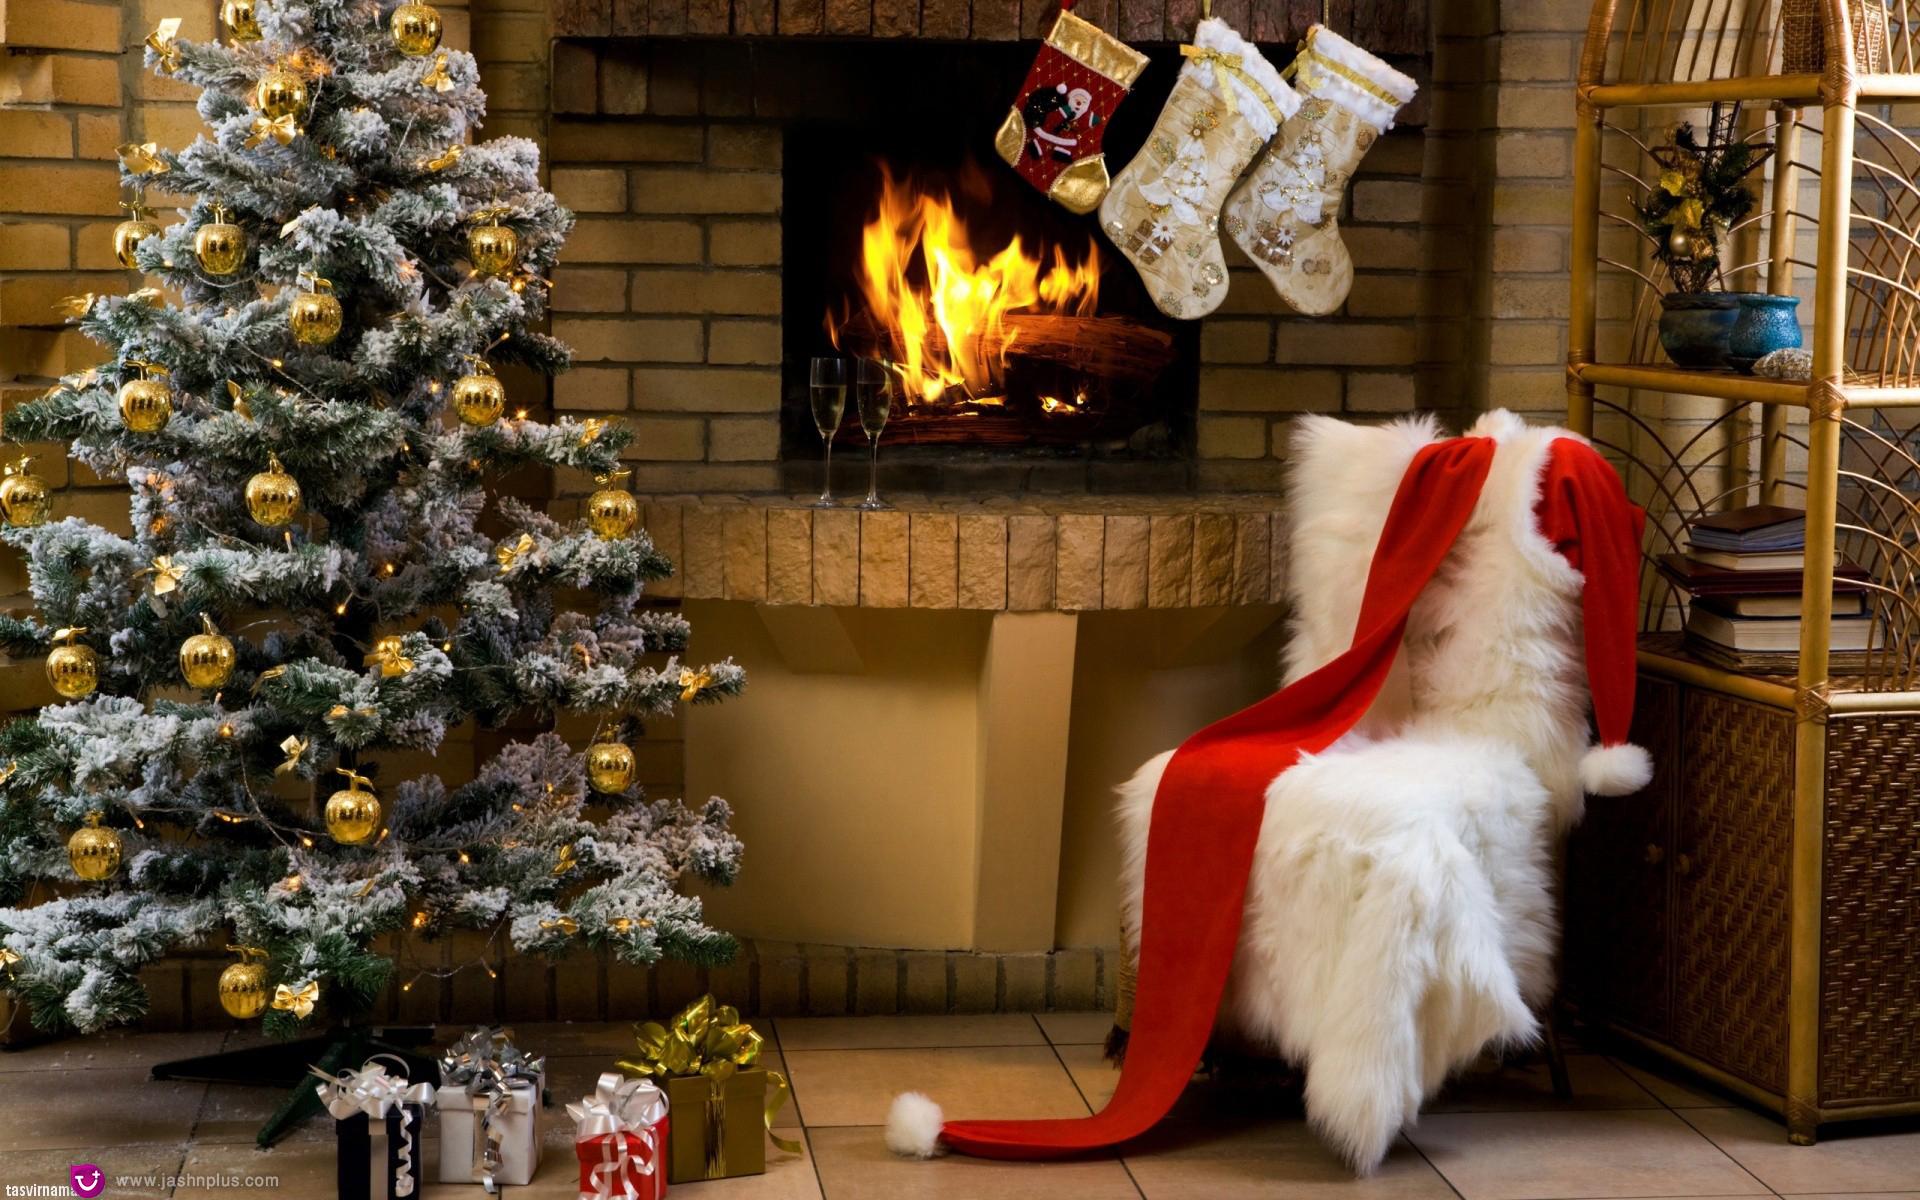 پس زمینه کریسمس 19 - کریسمس و یک میهمانی دور همی در روزهای سرد سال